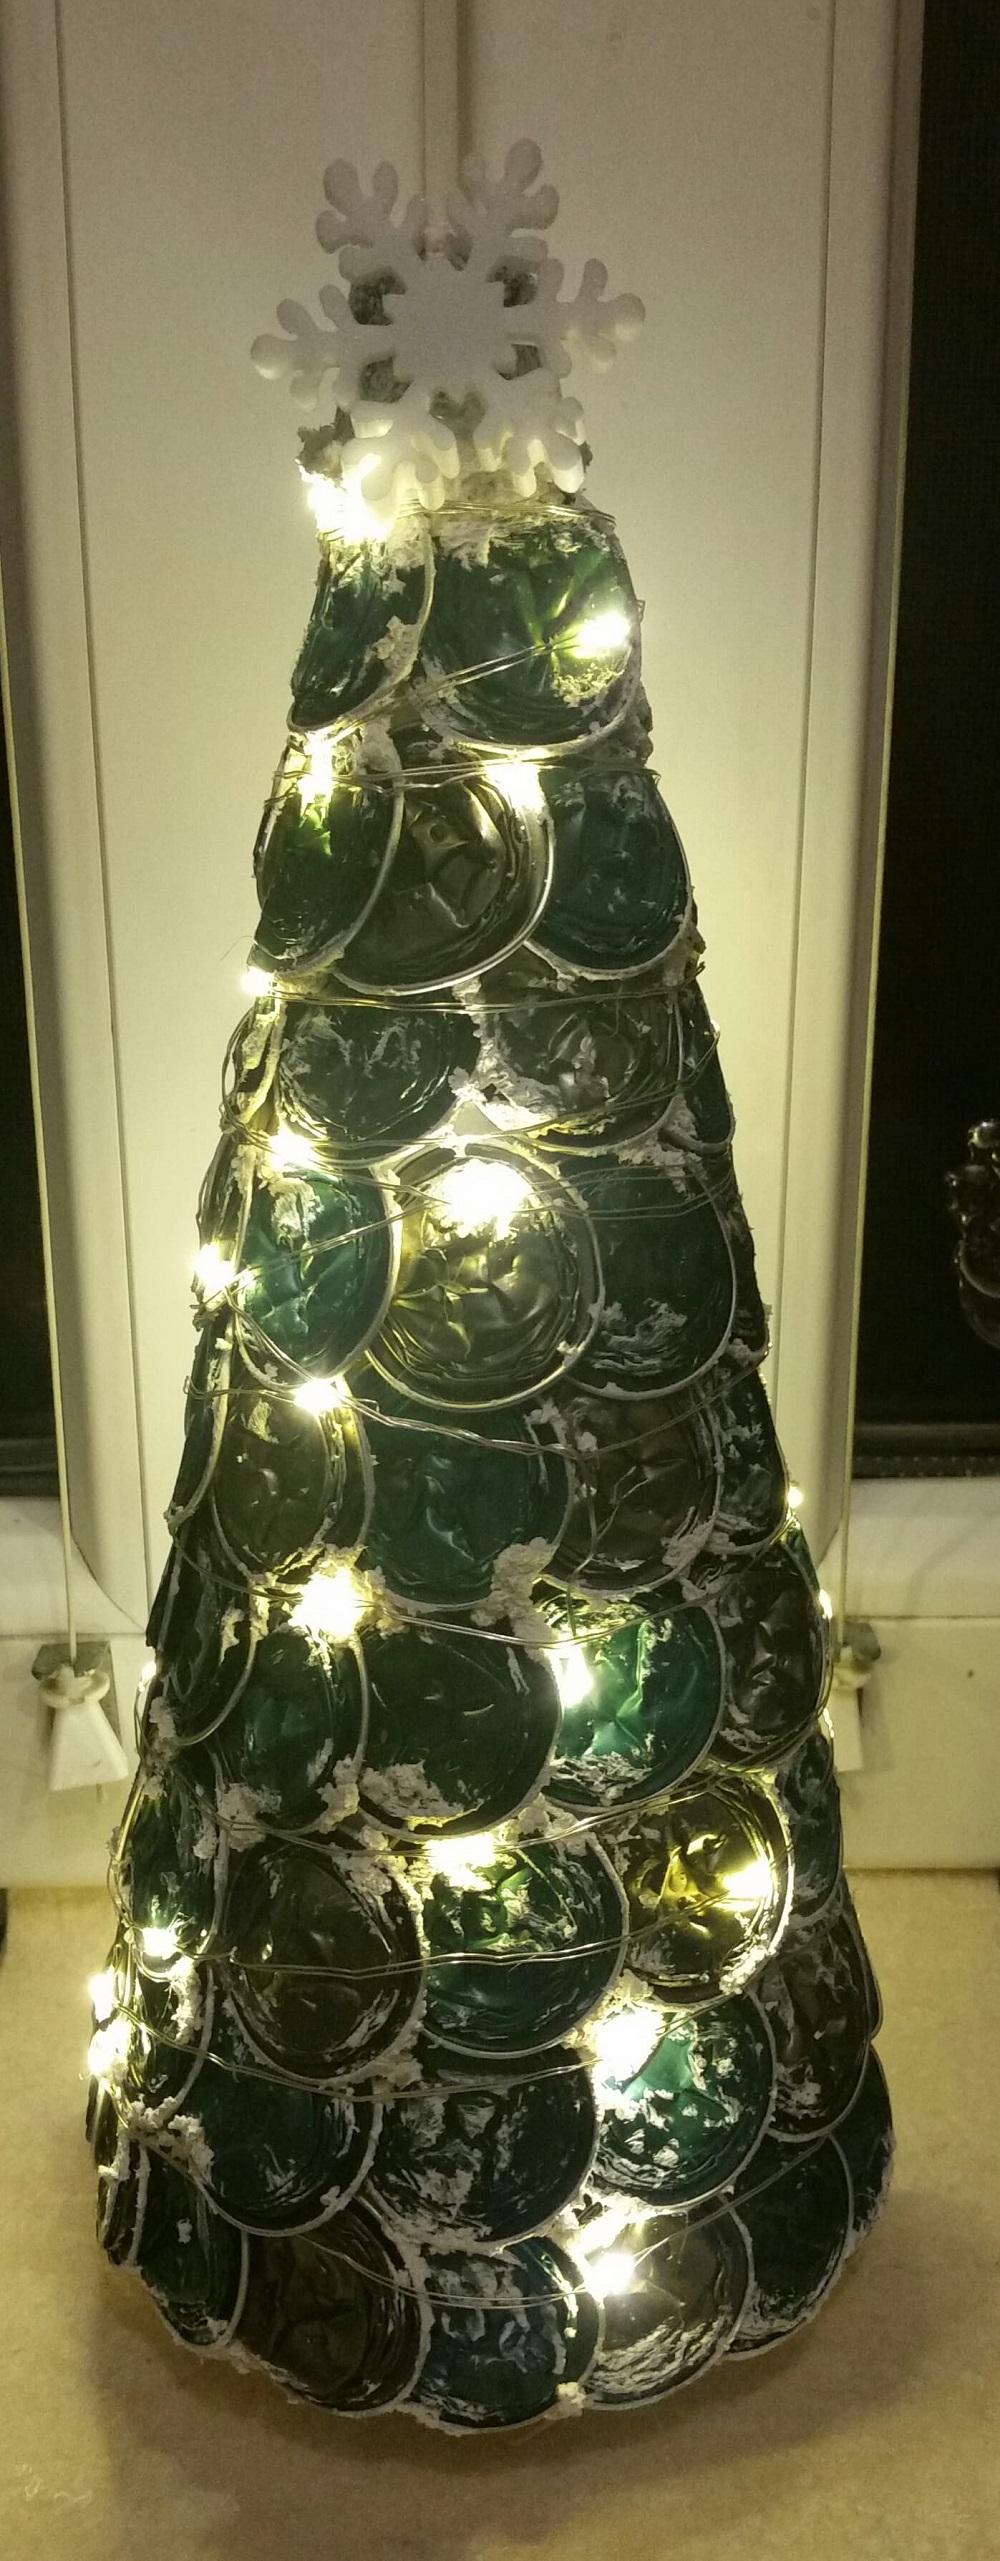 Csillog-villog az alternatív karácsonyfánk. Szép nem?